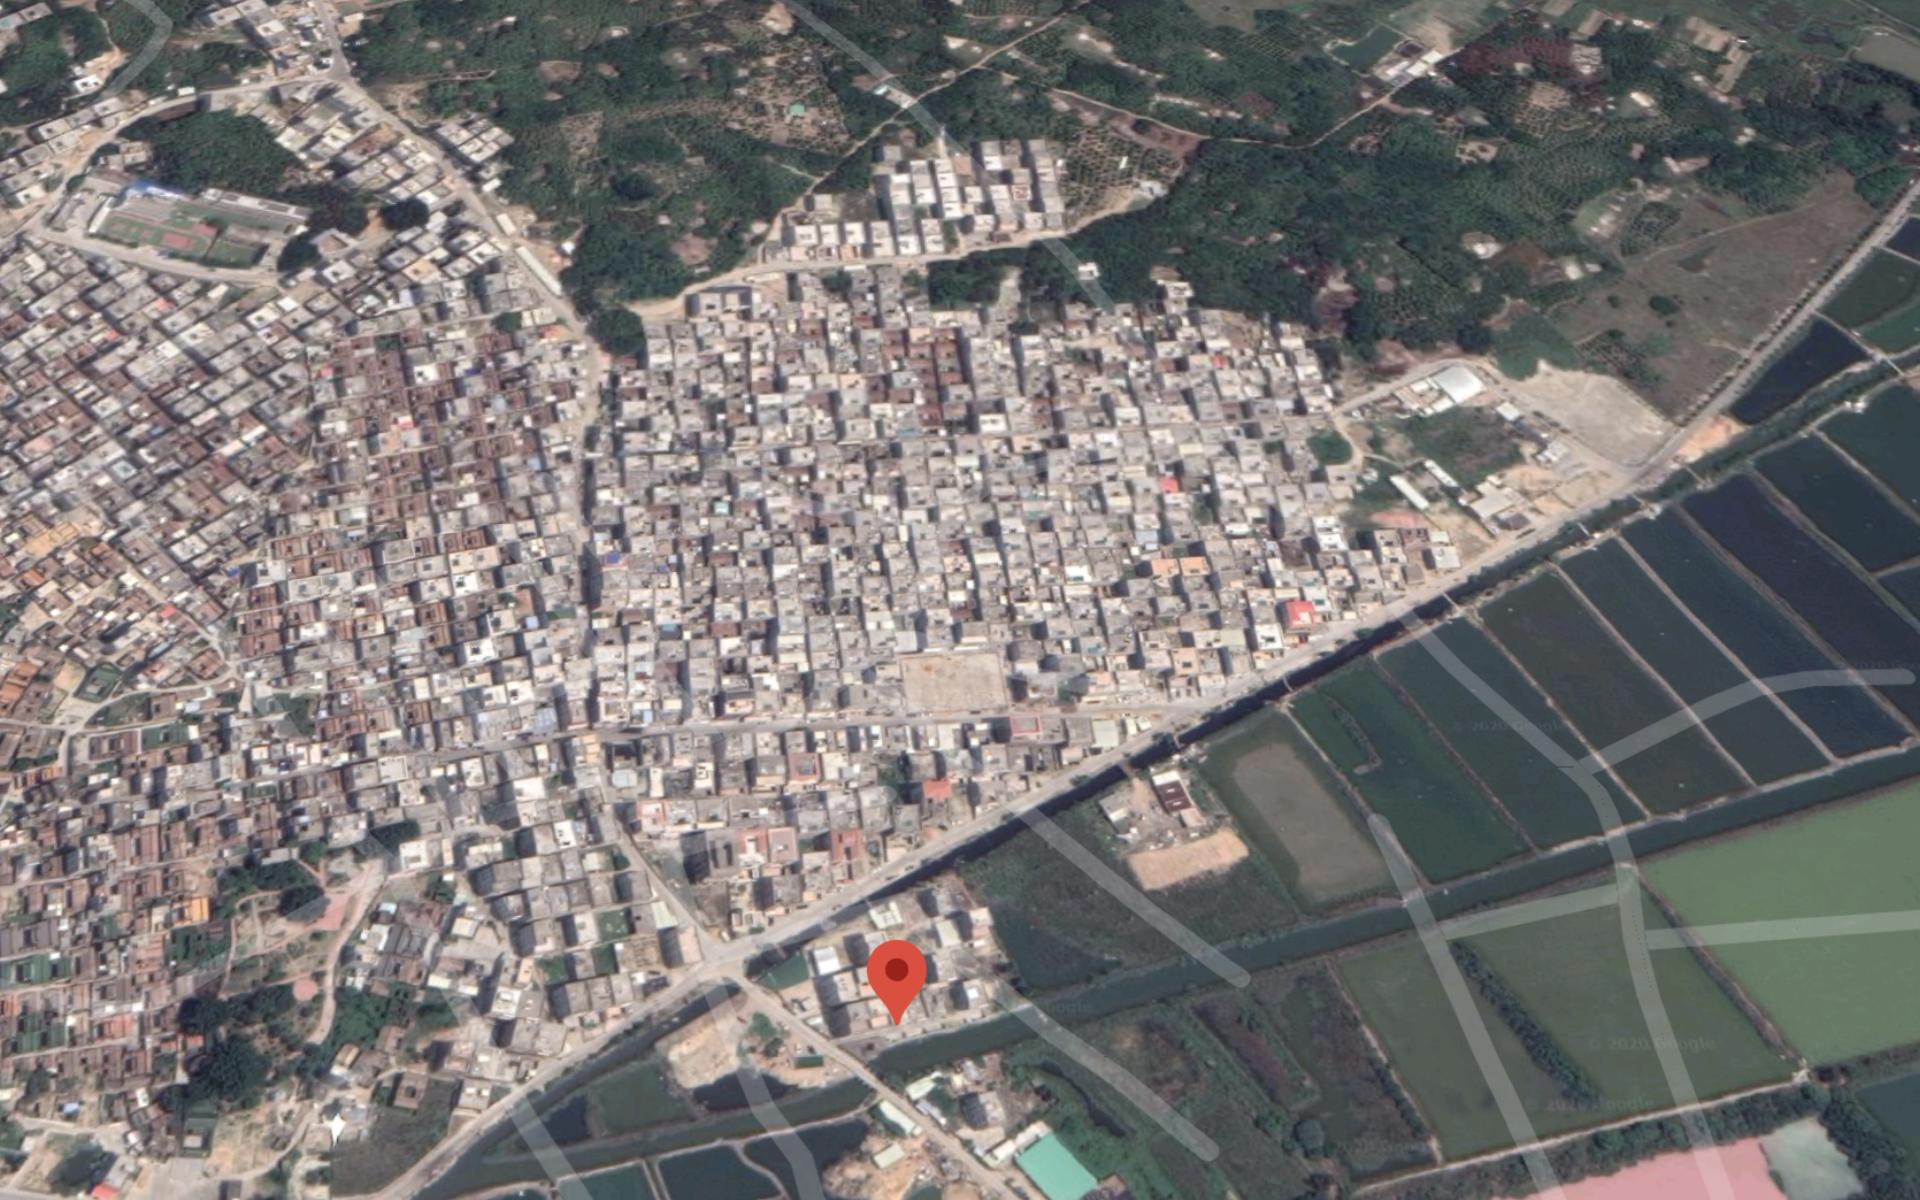 中國冰毒的主要生產地 村委書記成毒品教父